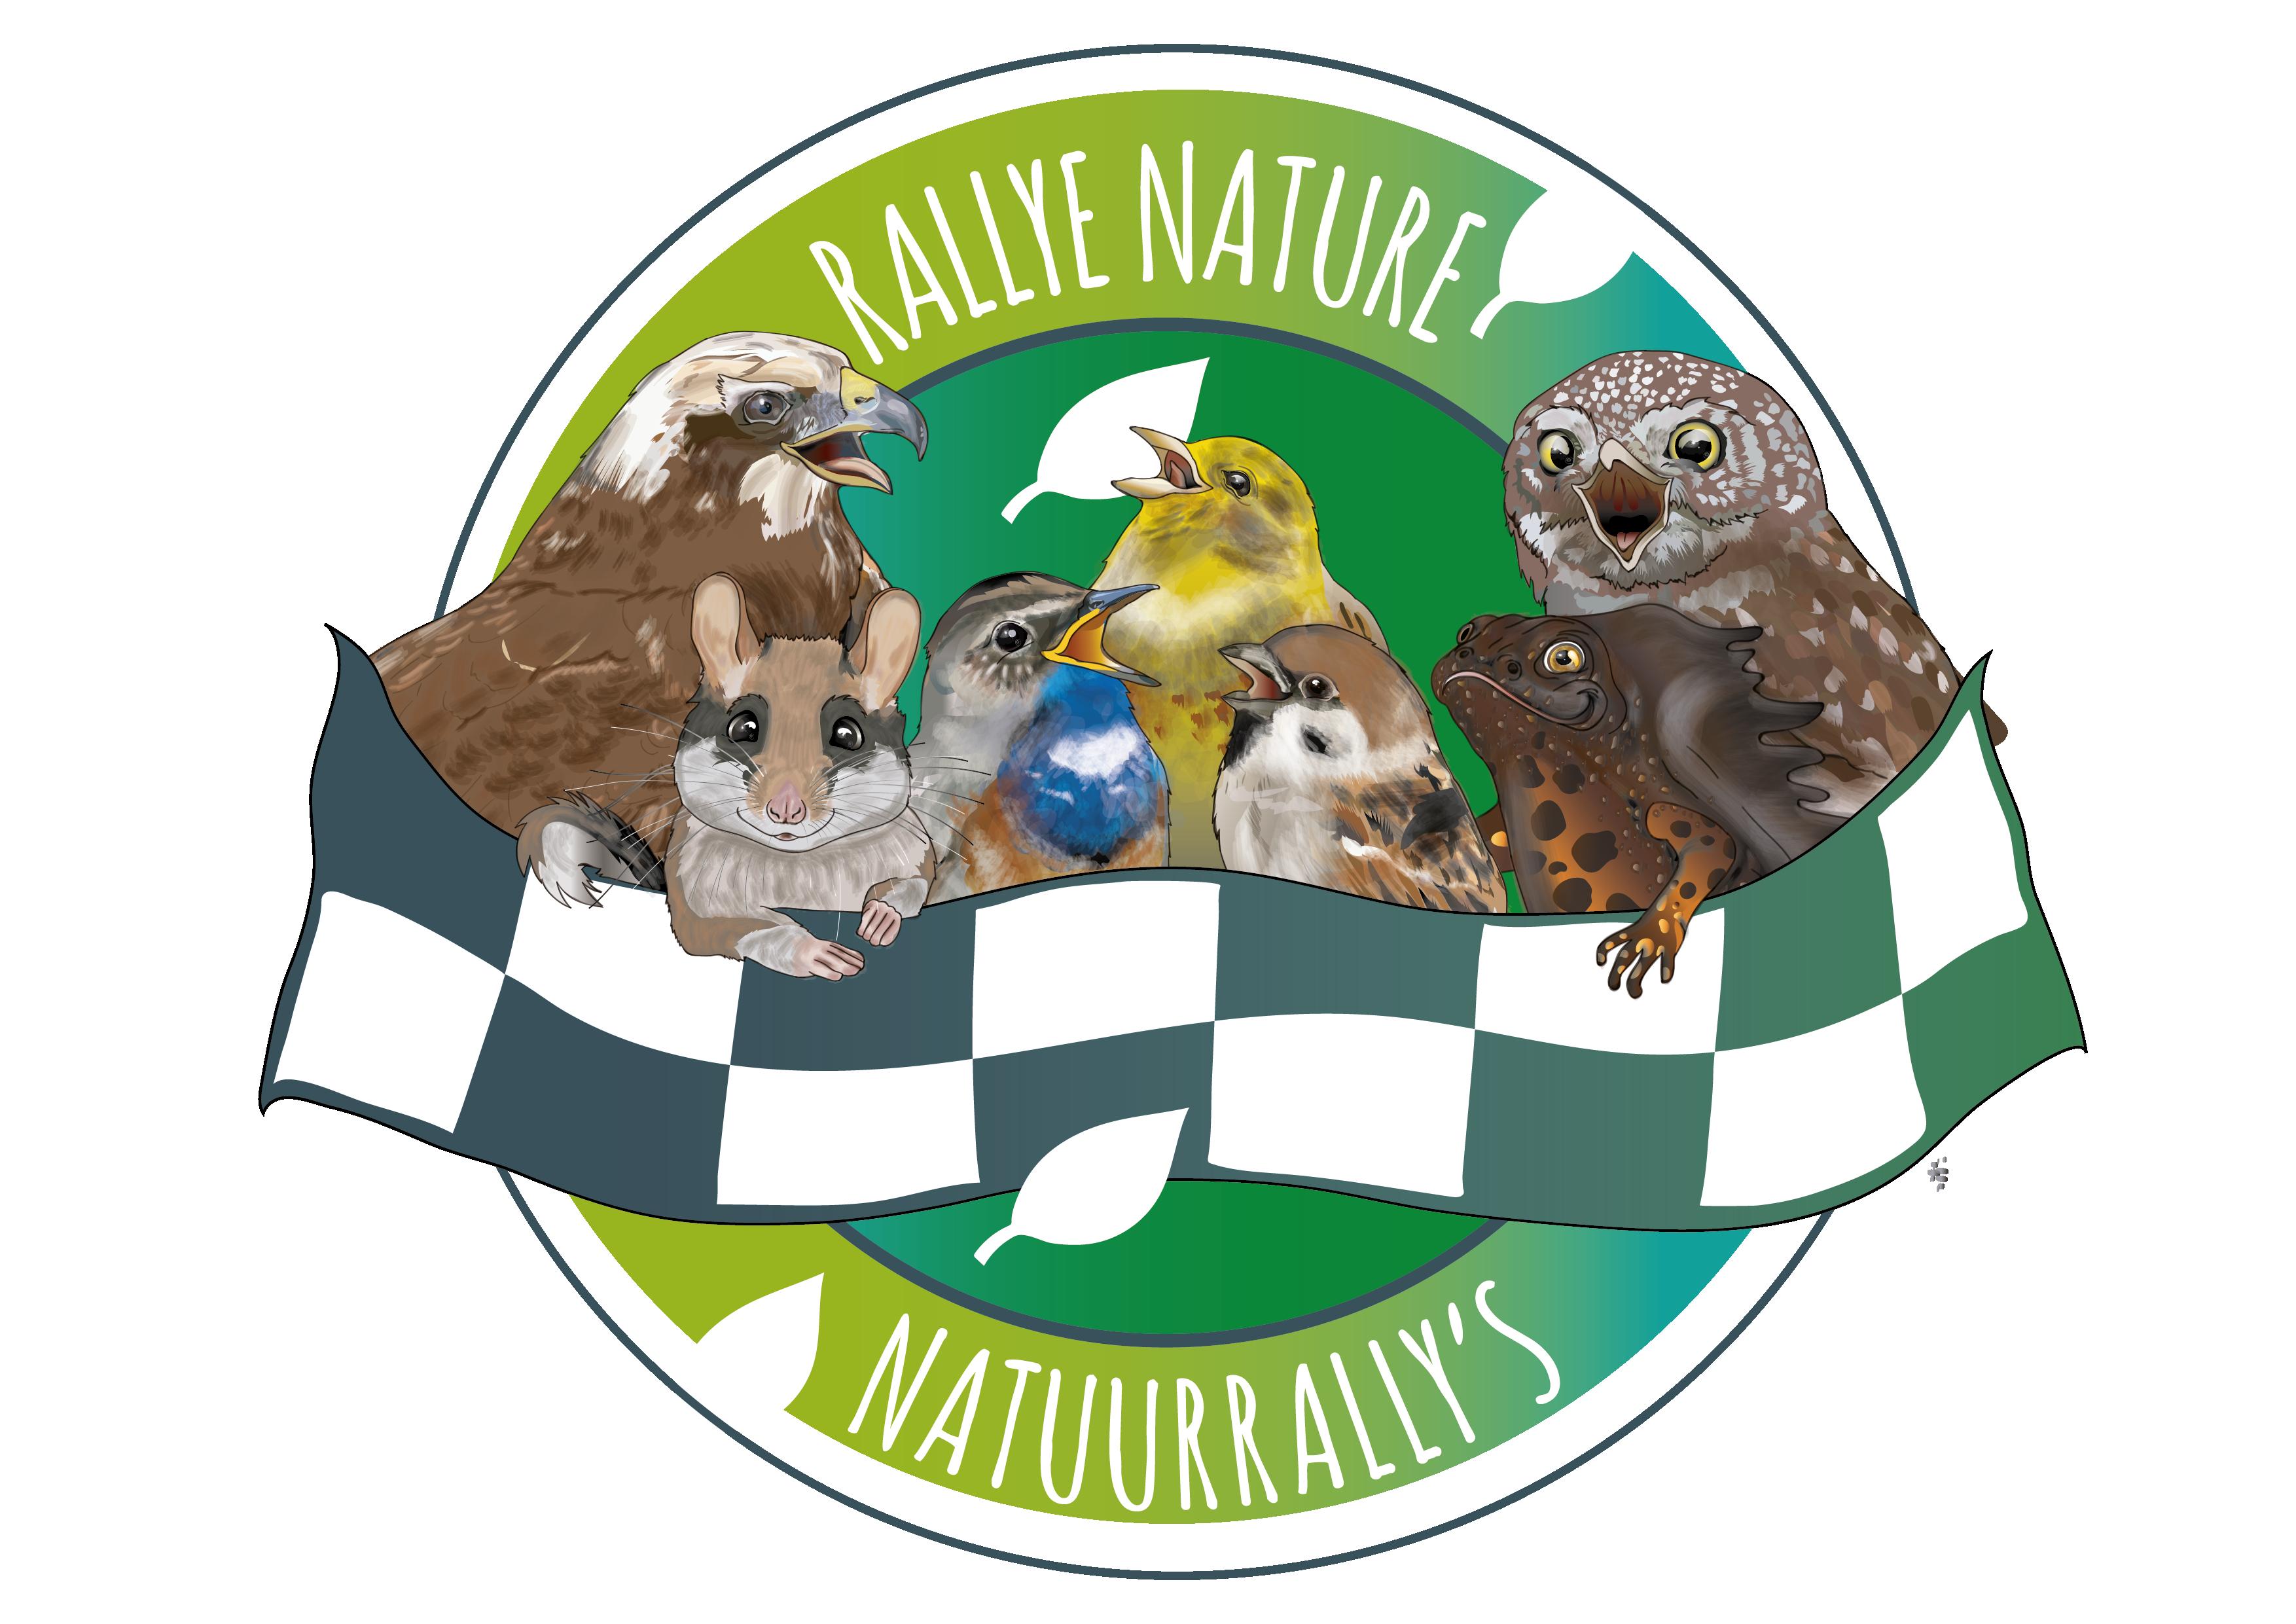 LOGO rallye nature - version FR_NL_Plan de travail 1.png